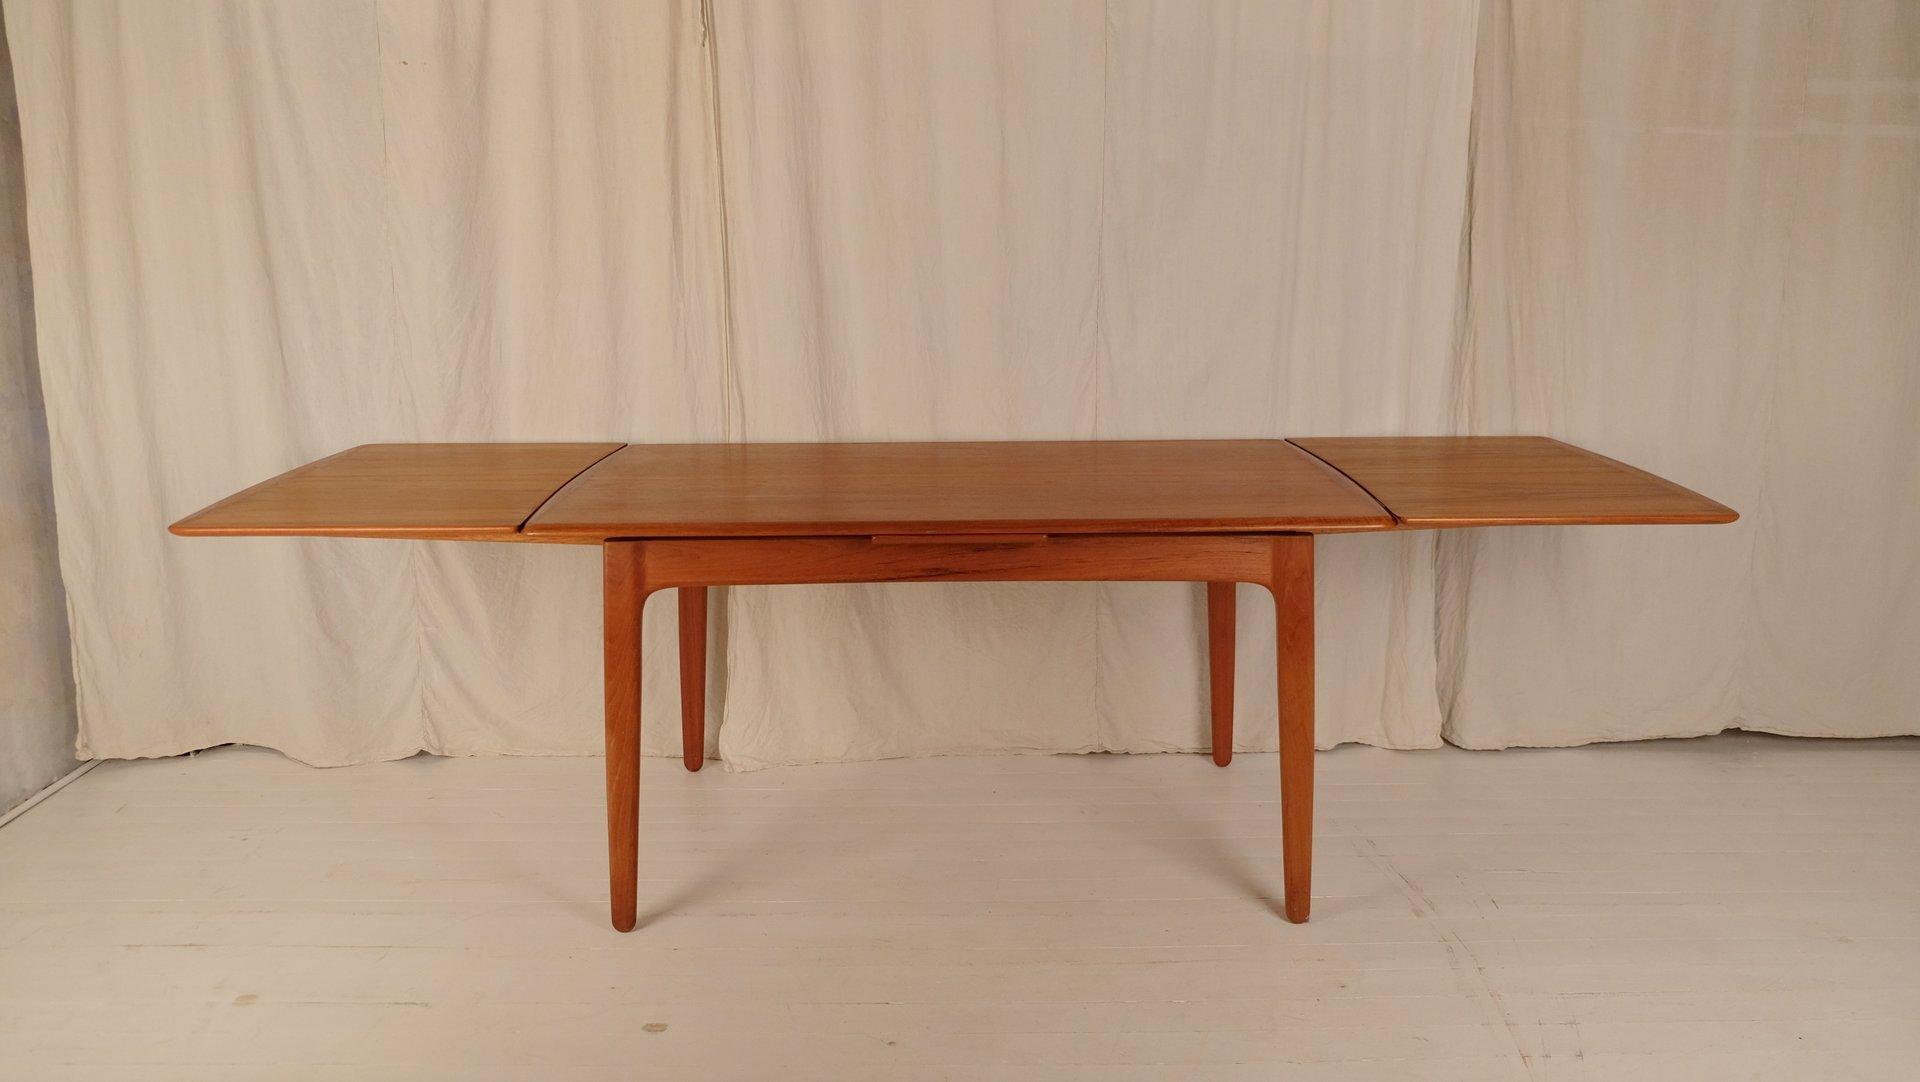 Table de salle manger mid century avec 6 chaises par for Table de salle a manger 6 chaises